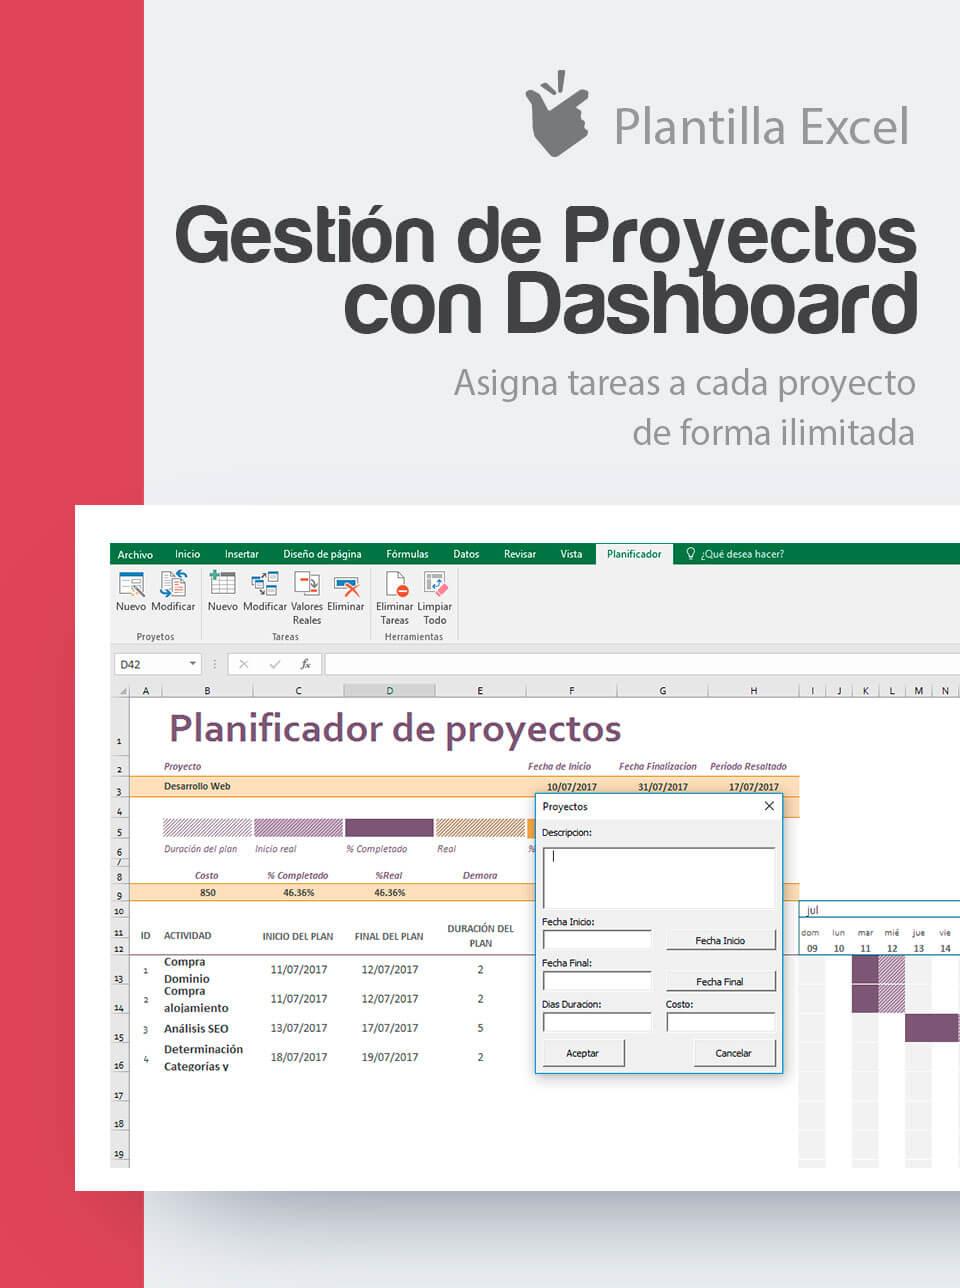 Plantilla Gestión de Proyectos con Dashboard | Control de proyectos